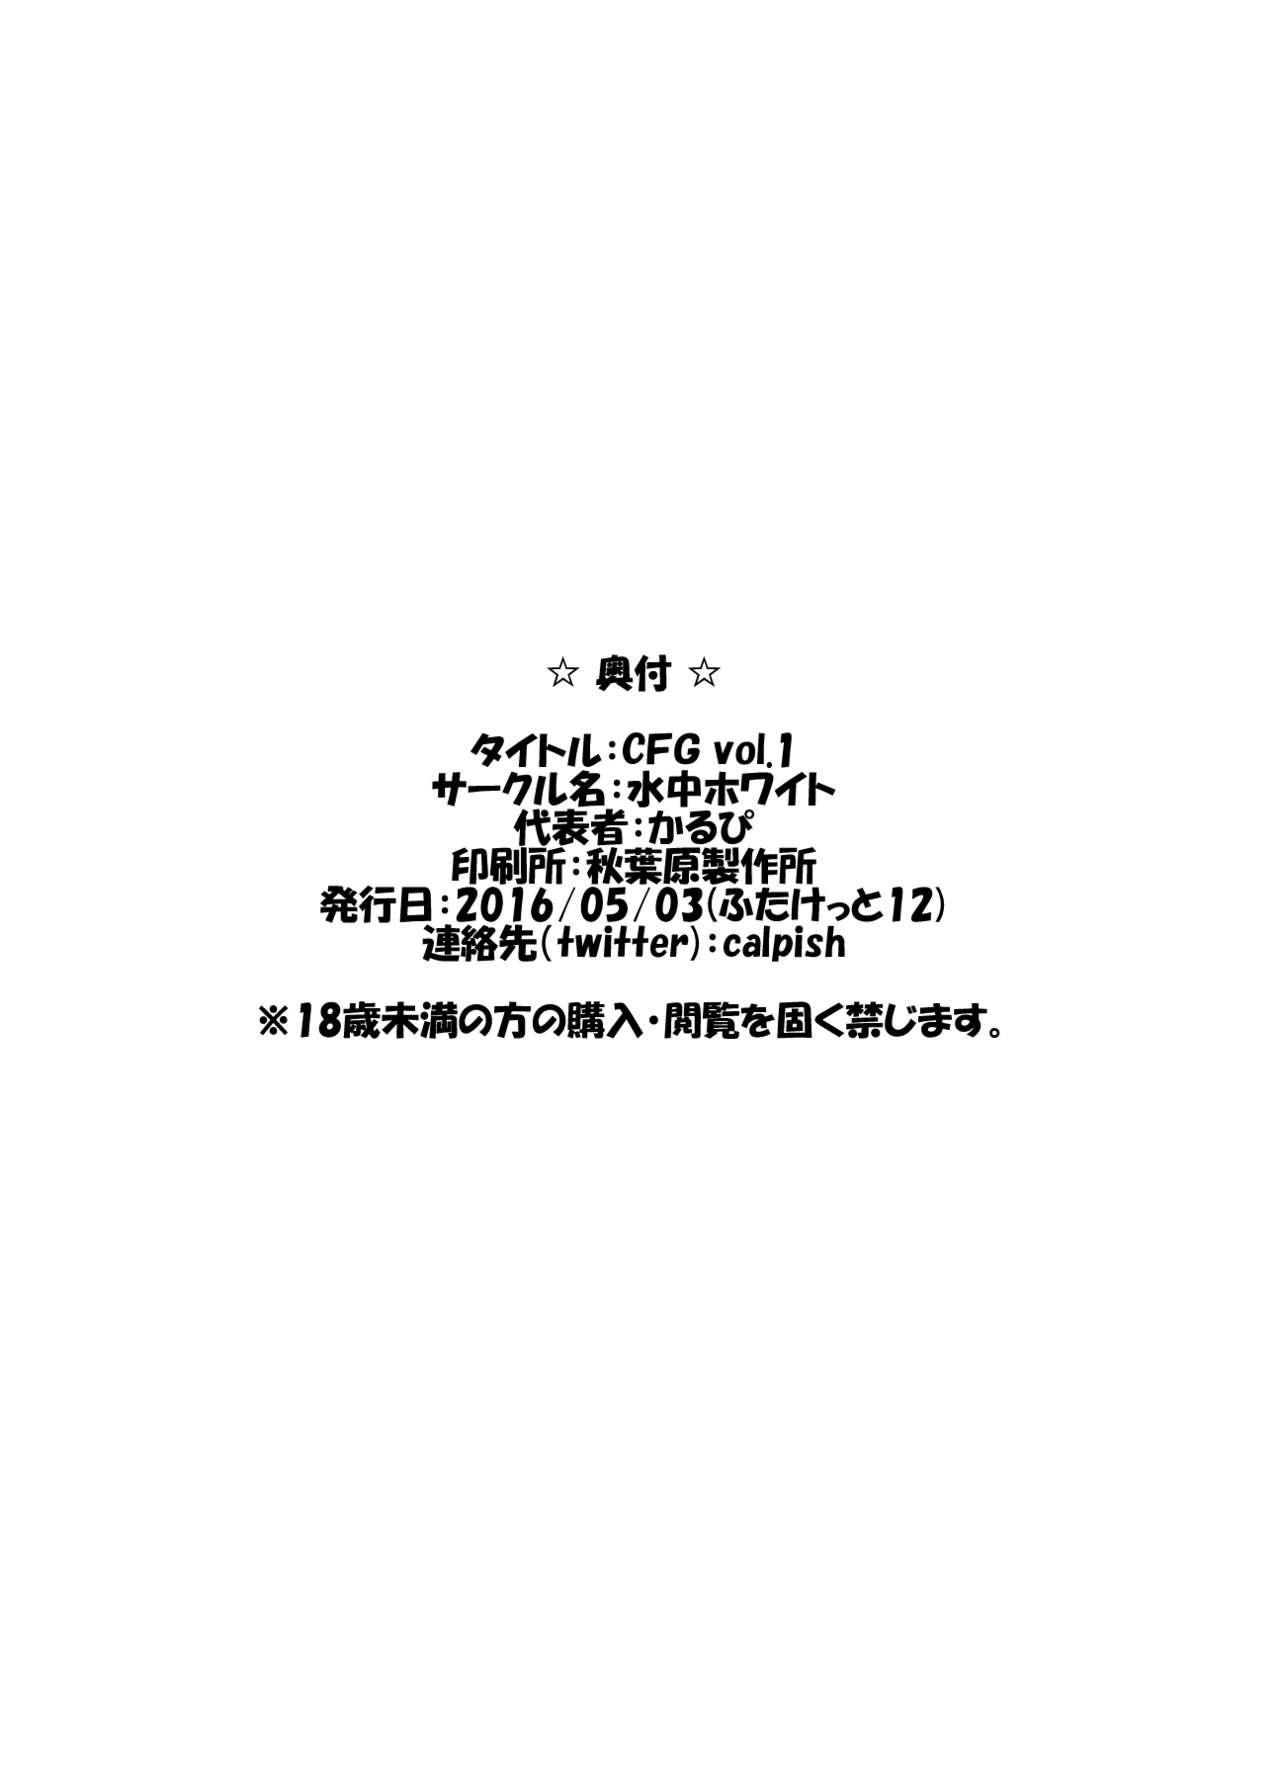 CFG Vol. 1 8